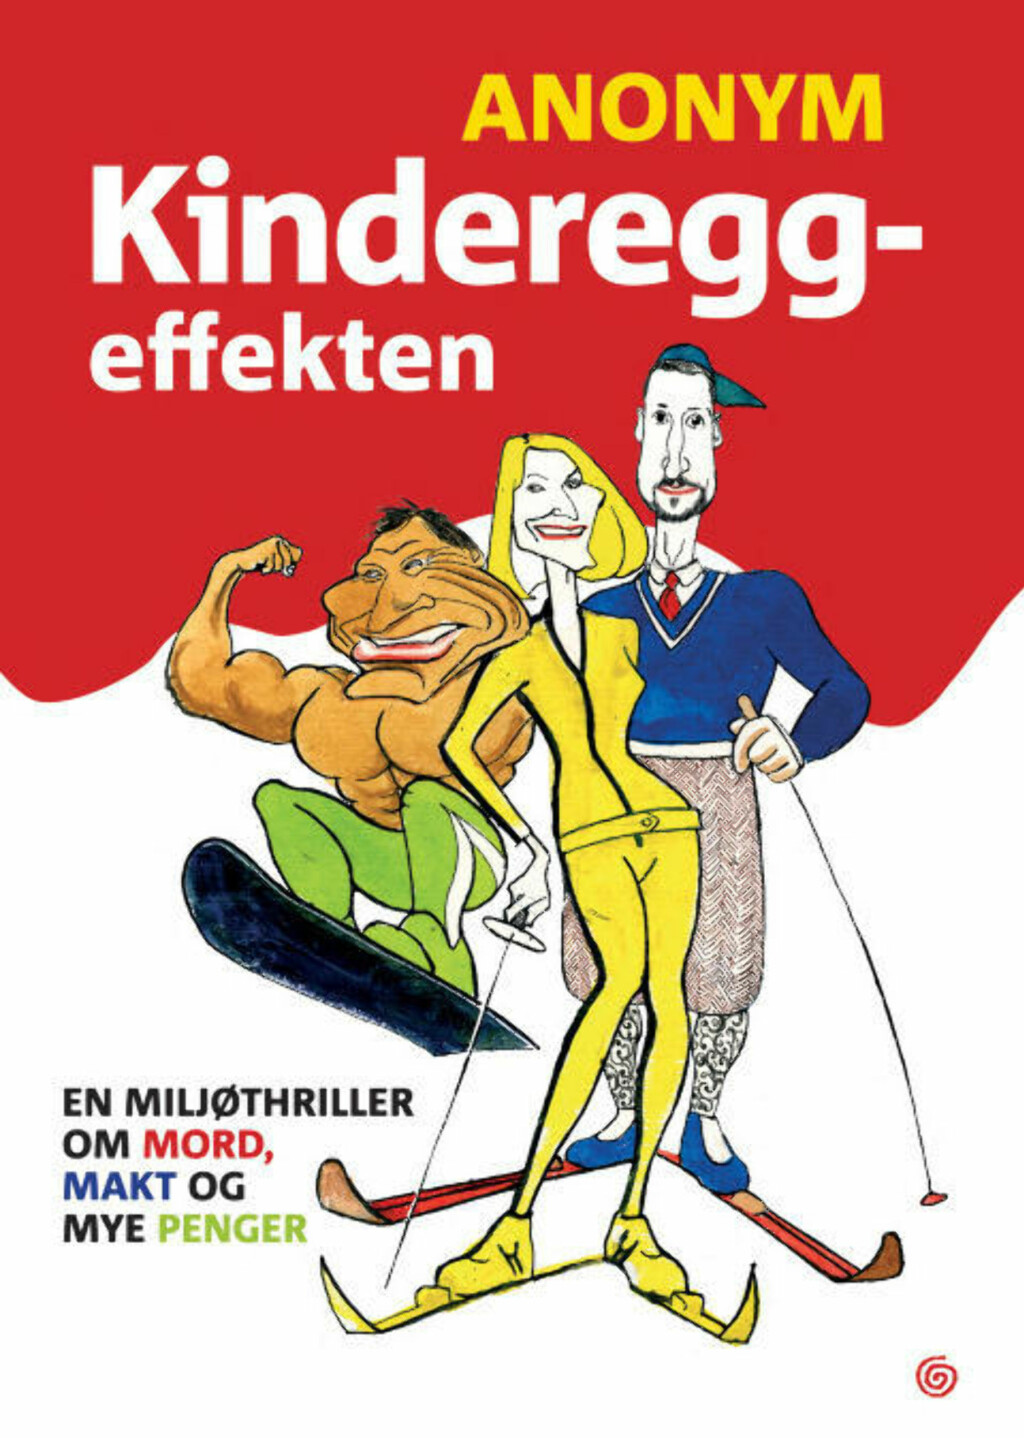 HARSELAS: Kagge Forlag har gitt ut «Kongepudler», «Kindereggeffekten» og «Klassekamerater» med Anonym som forfatter.